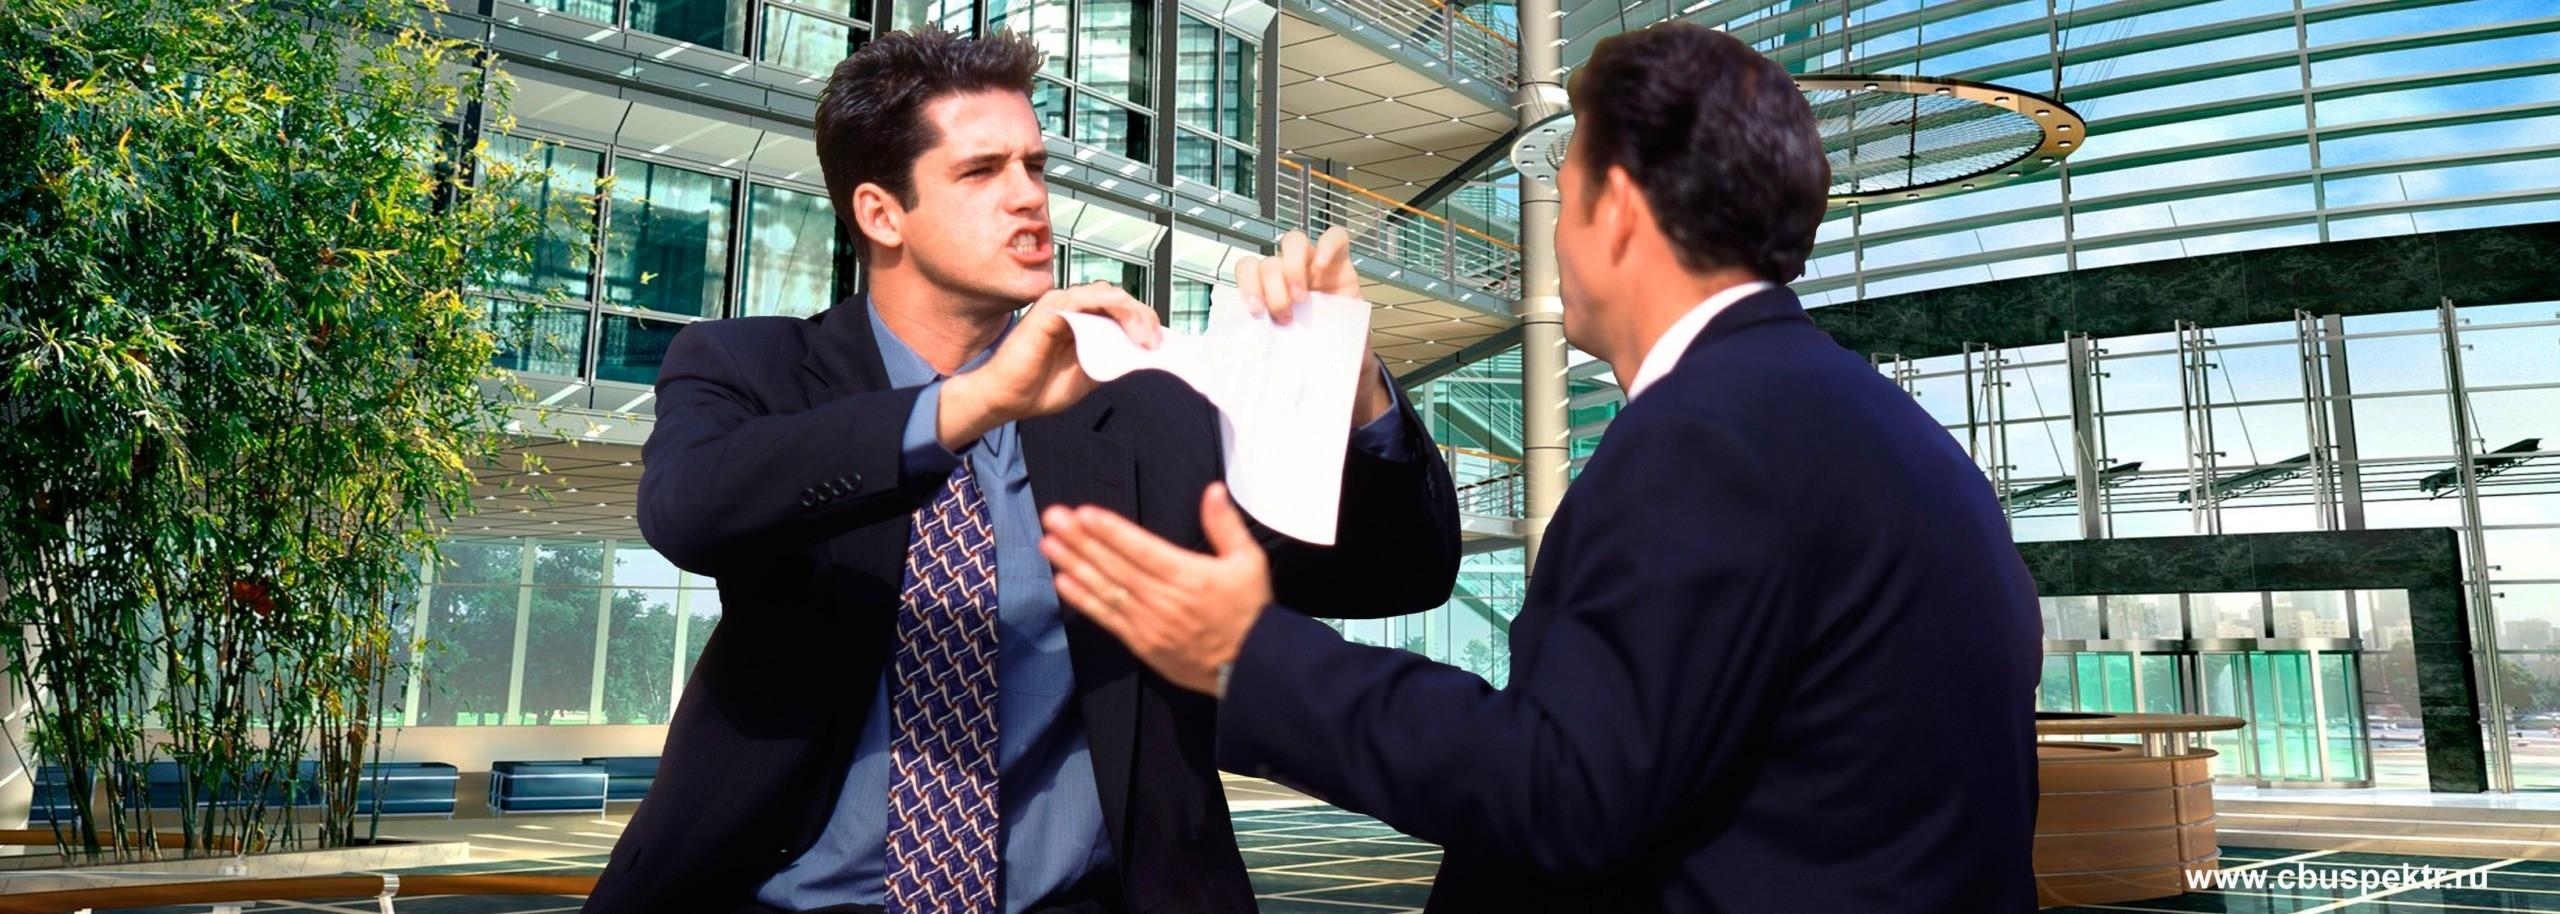 Бизнесмен рвет договор на глазах у контрагента